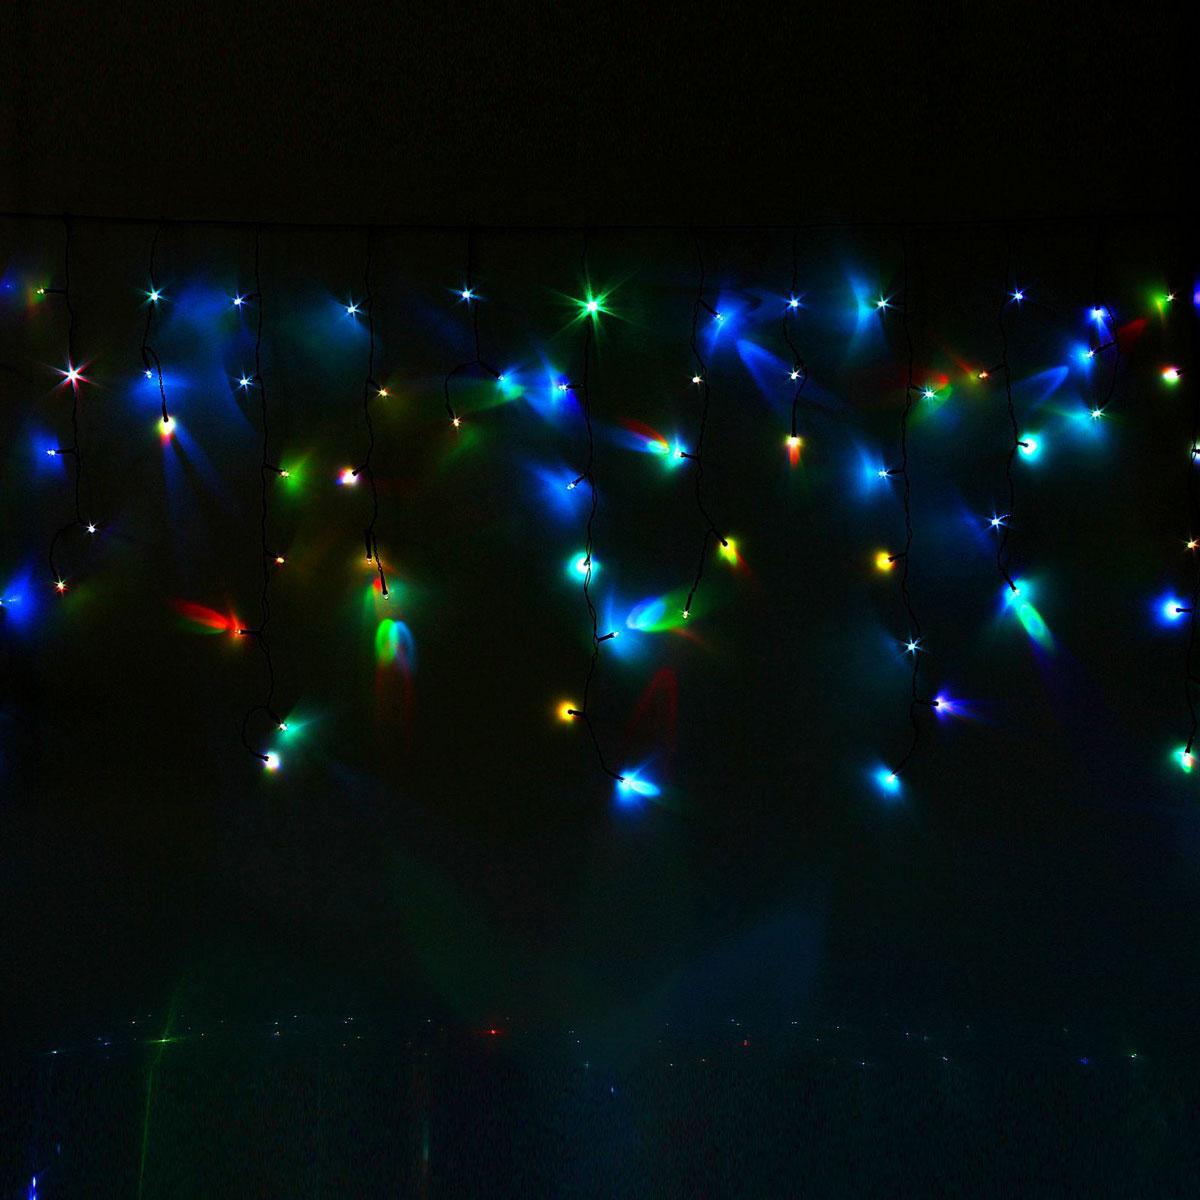 Гирлянда светодиодная Luazon Бахрома, моргает, 120 ламп, 220 V, цвет: мультиколор, 2,4 х 0,6 м. 10804171080417Светодиодные гирлянды, ленты и т.д — это отличный вариант для новогоднего оформления интерьера или фасада. С их помощью помещение любого размера можно превратить в праздничный зал, а внешние элементы зданий, украшенные ими, мгновенно станут напоминать очертания сказочного дворца. Такие украшения создают ауру предвкушения чуда. Деревья, фасады, витрины, окна и арки будто специально созданы, чтобы вы украсили их светящимися нитями.